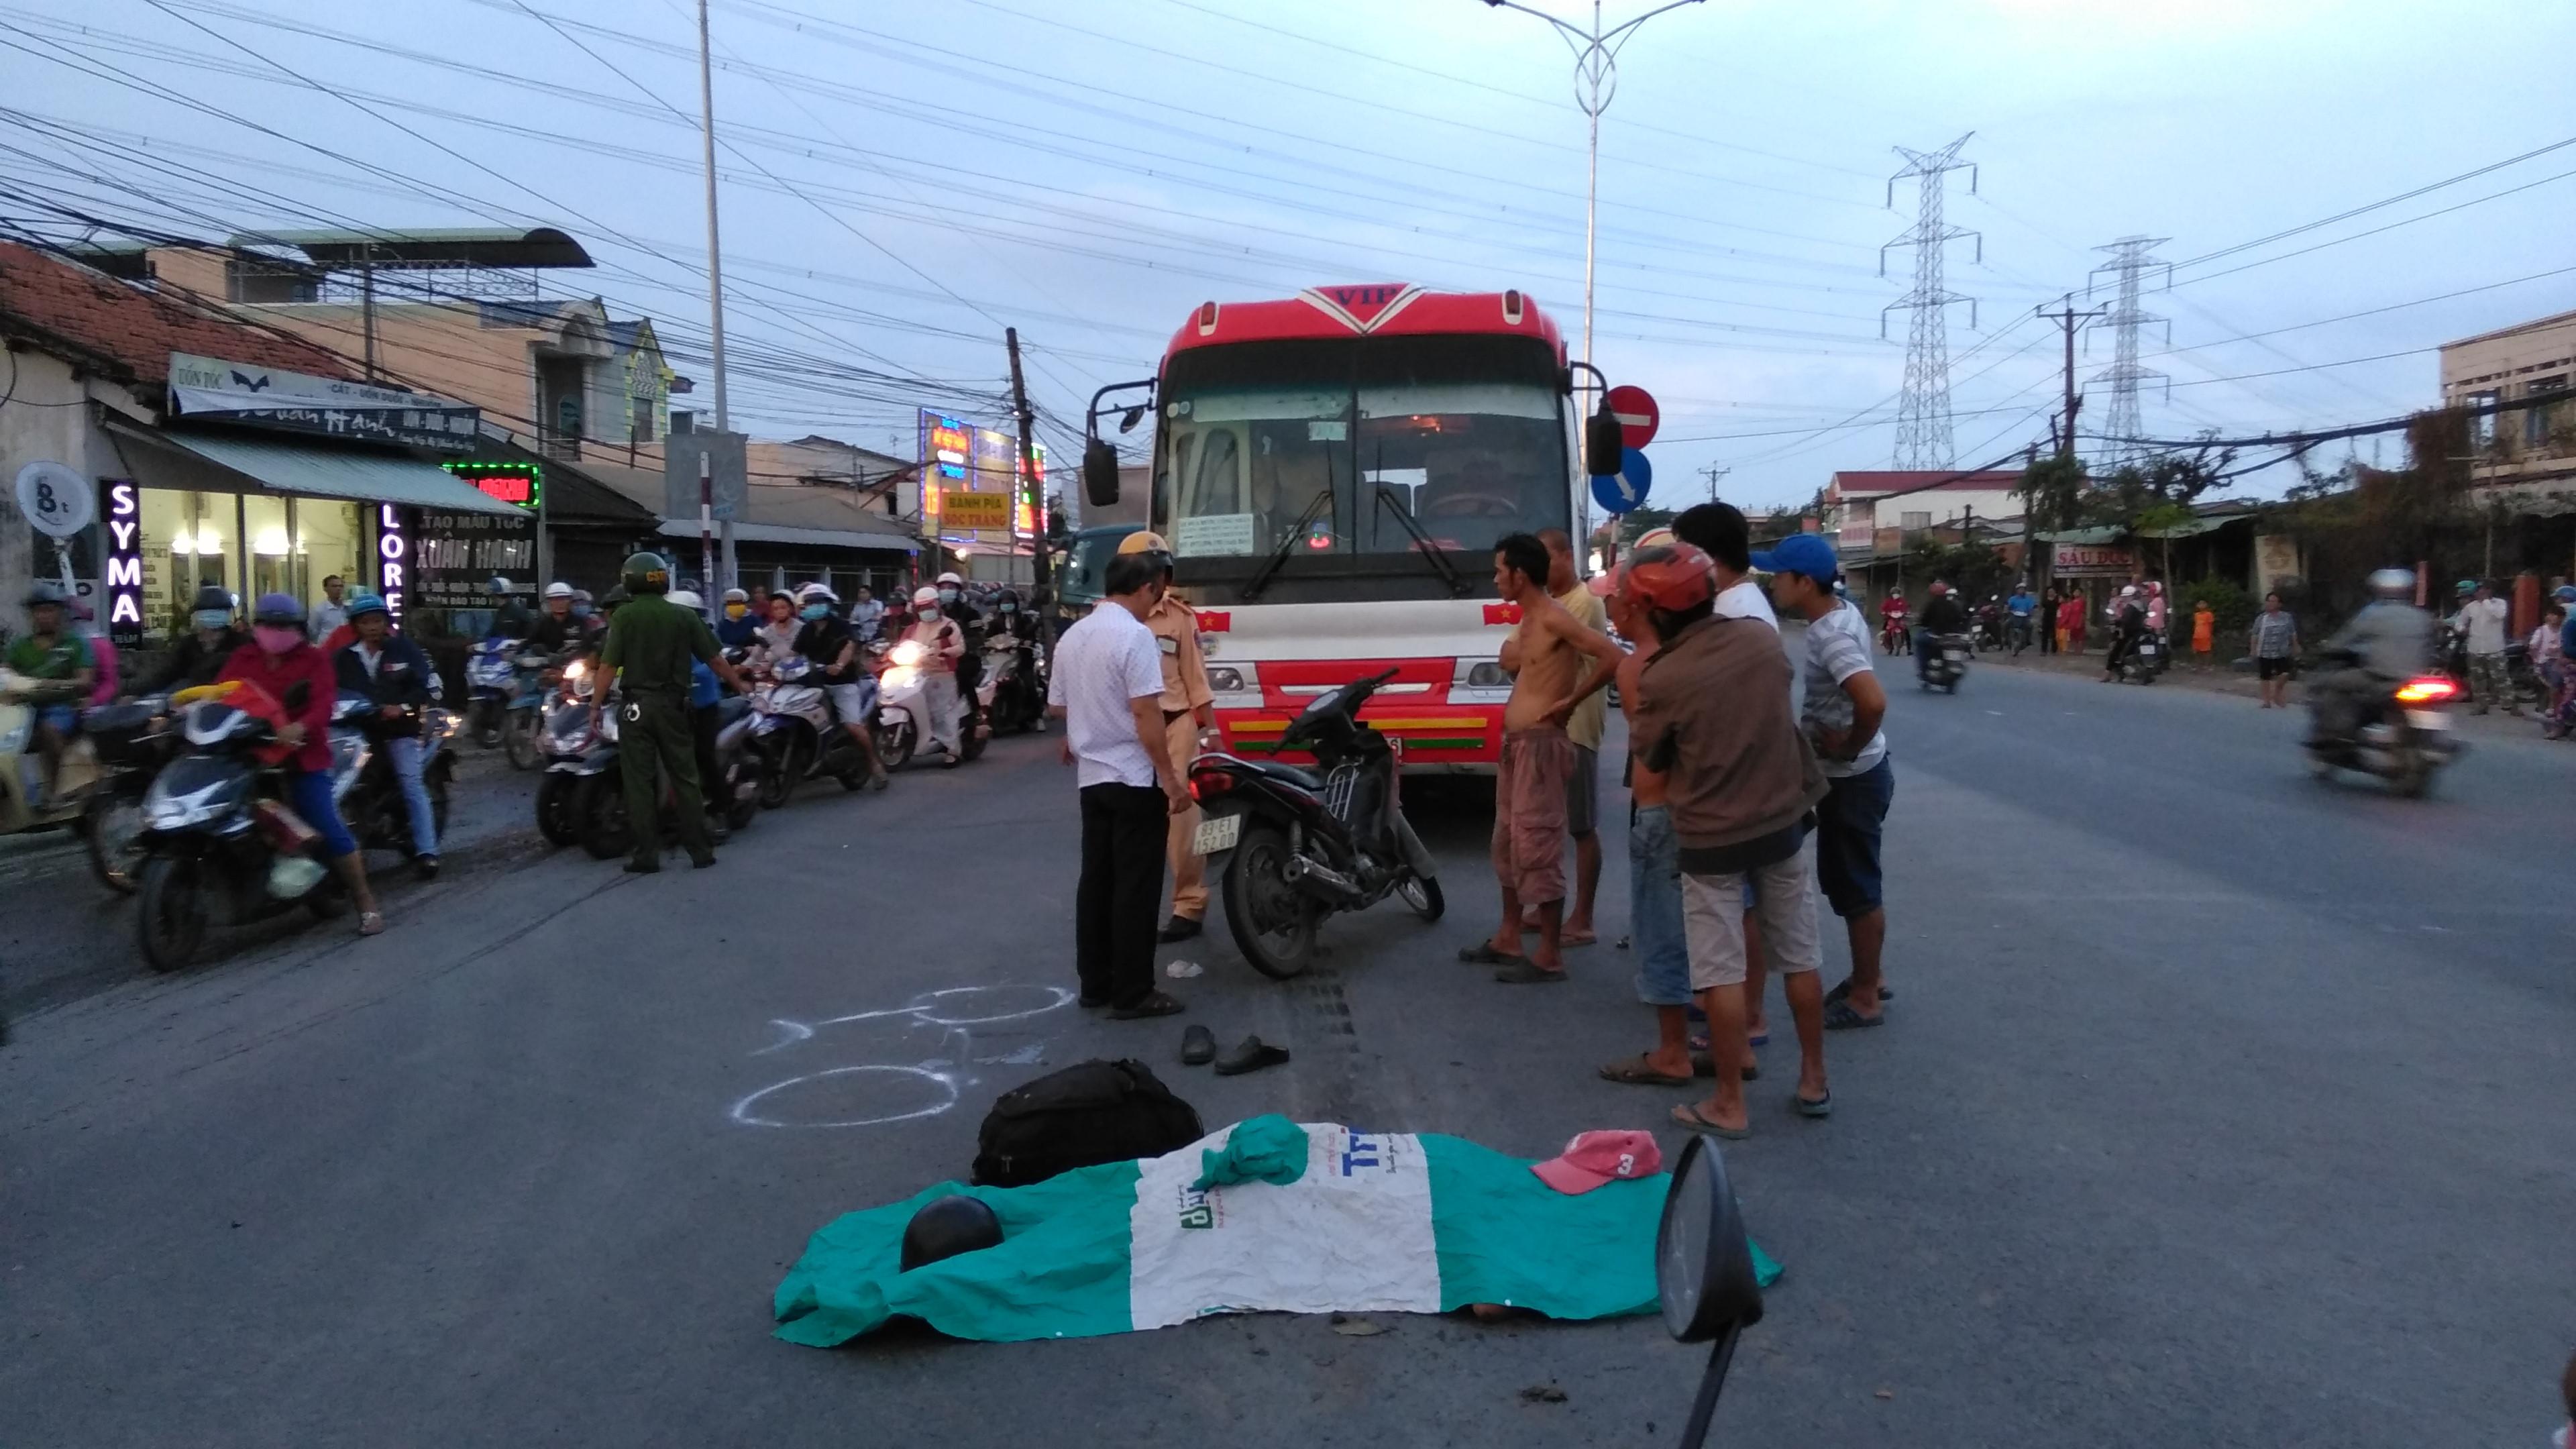 Té xuống đường sau va chạm, người đàn ông bị xe đưa rước công nhân cán tử vong Ảnh 1